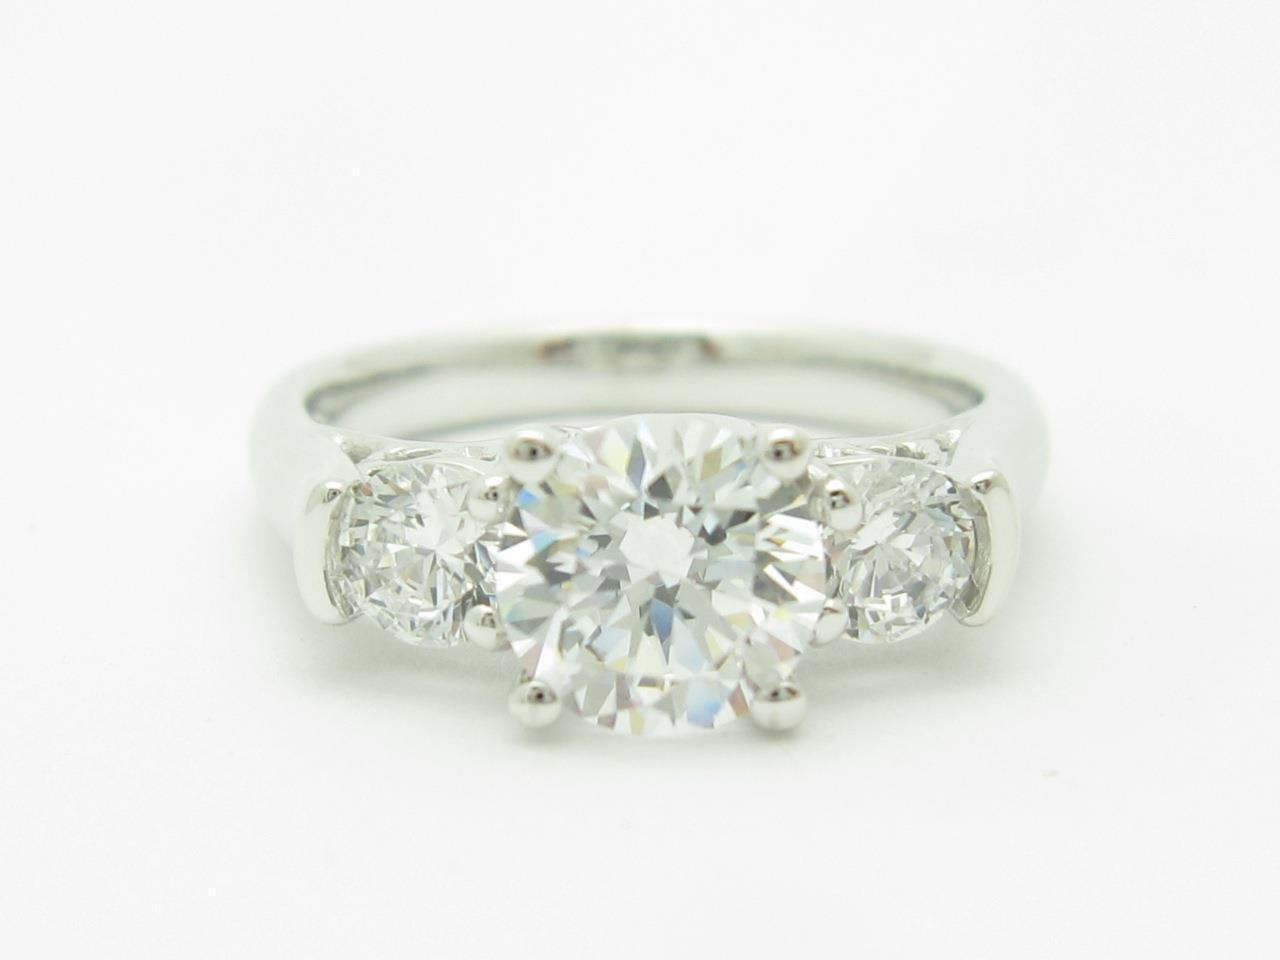 14k White gold 3 Stone Design White Sapphire Engagement Travel Promise Ring